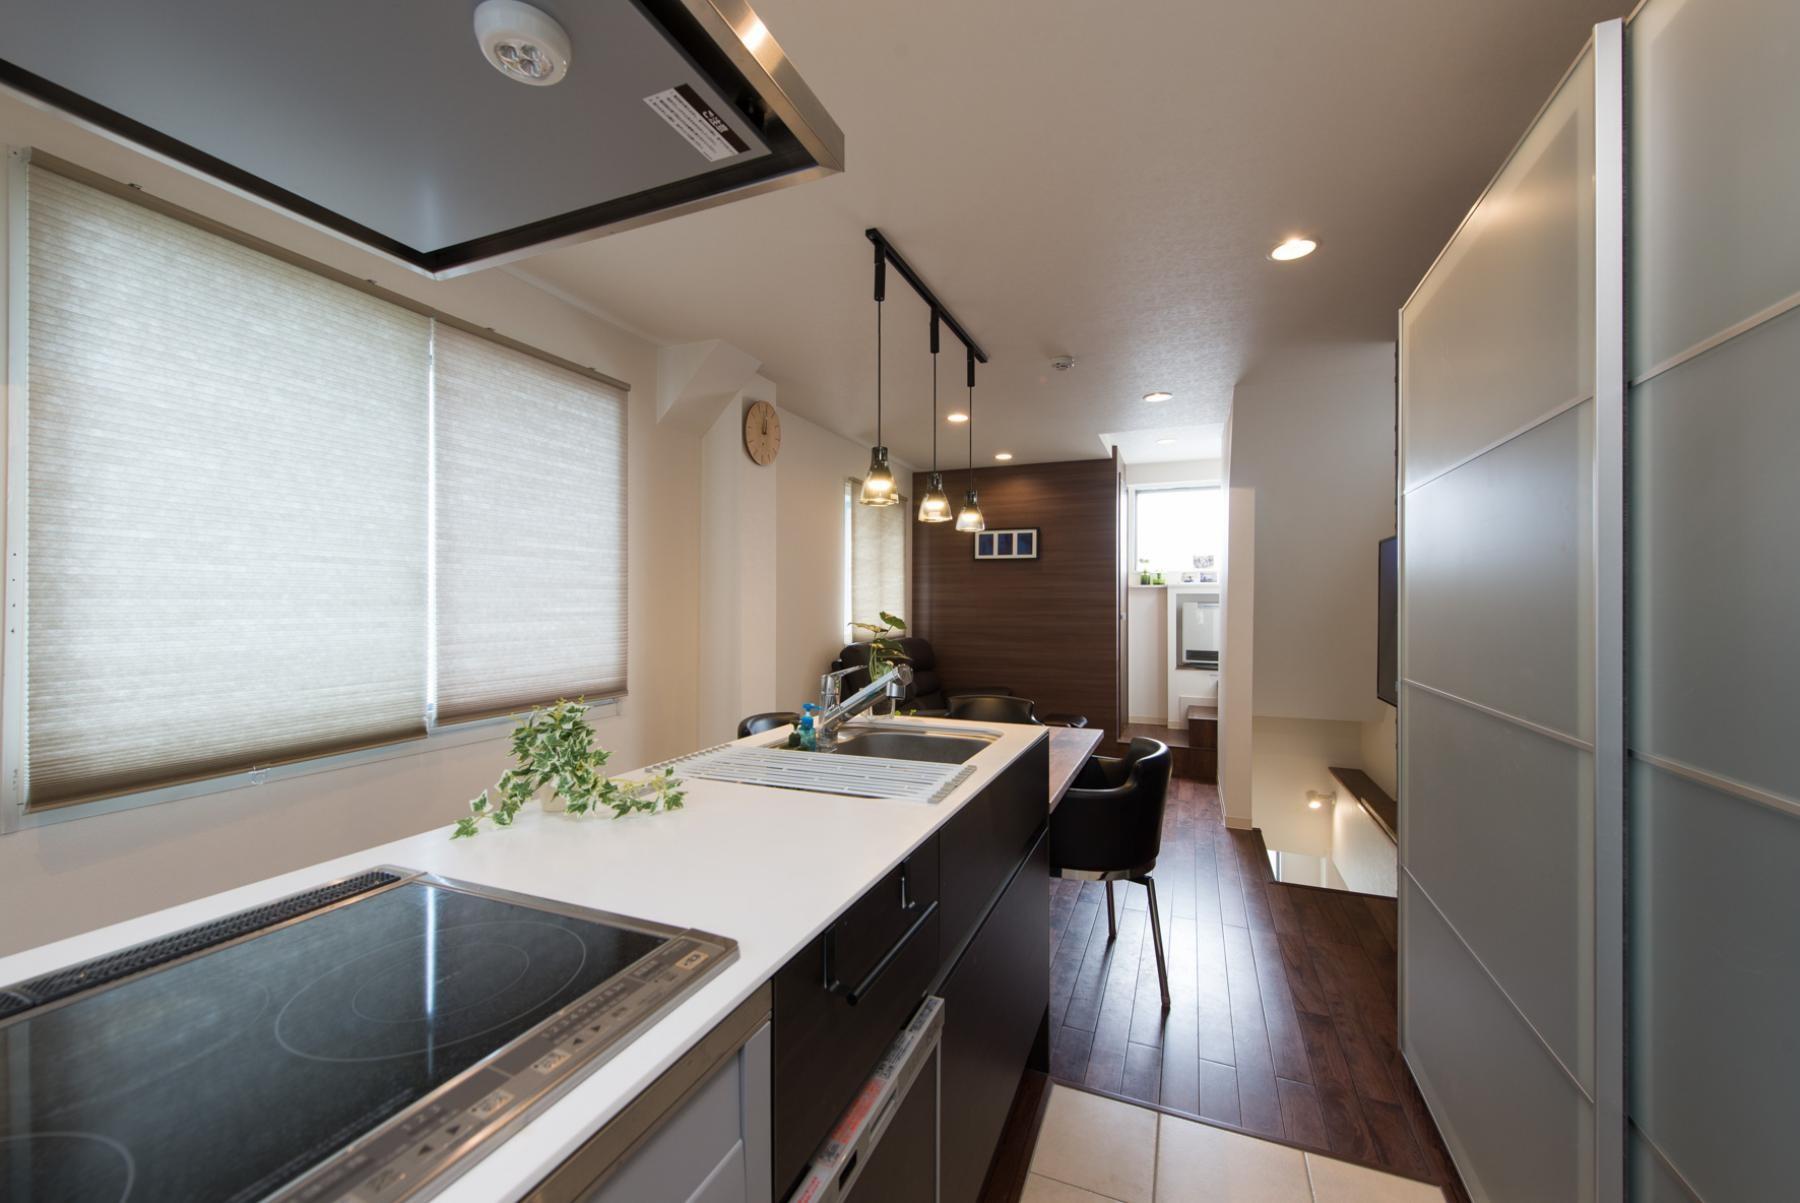 キッチン事例:キッチン(ホテルのようなスタイリッシュな内外装に全面リフォーム)